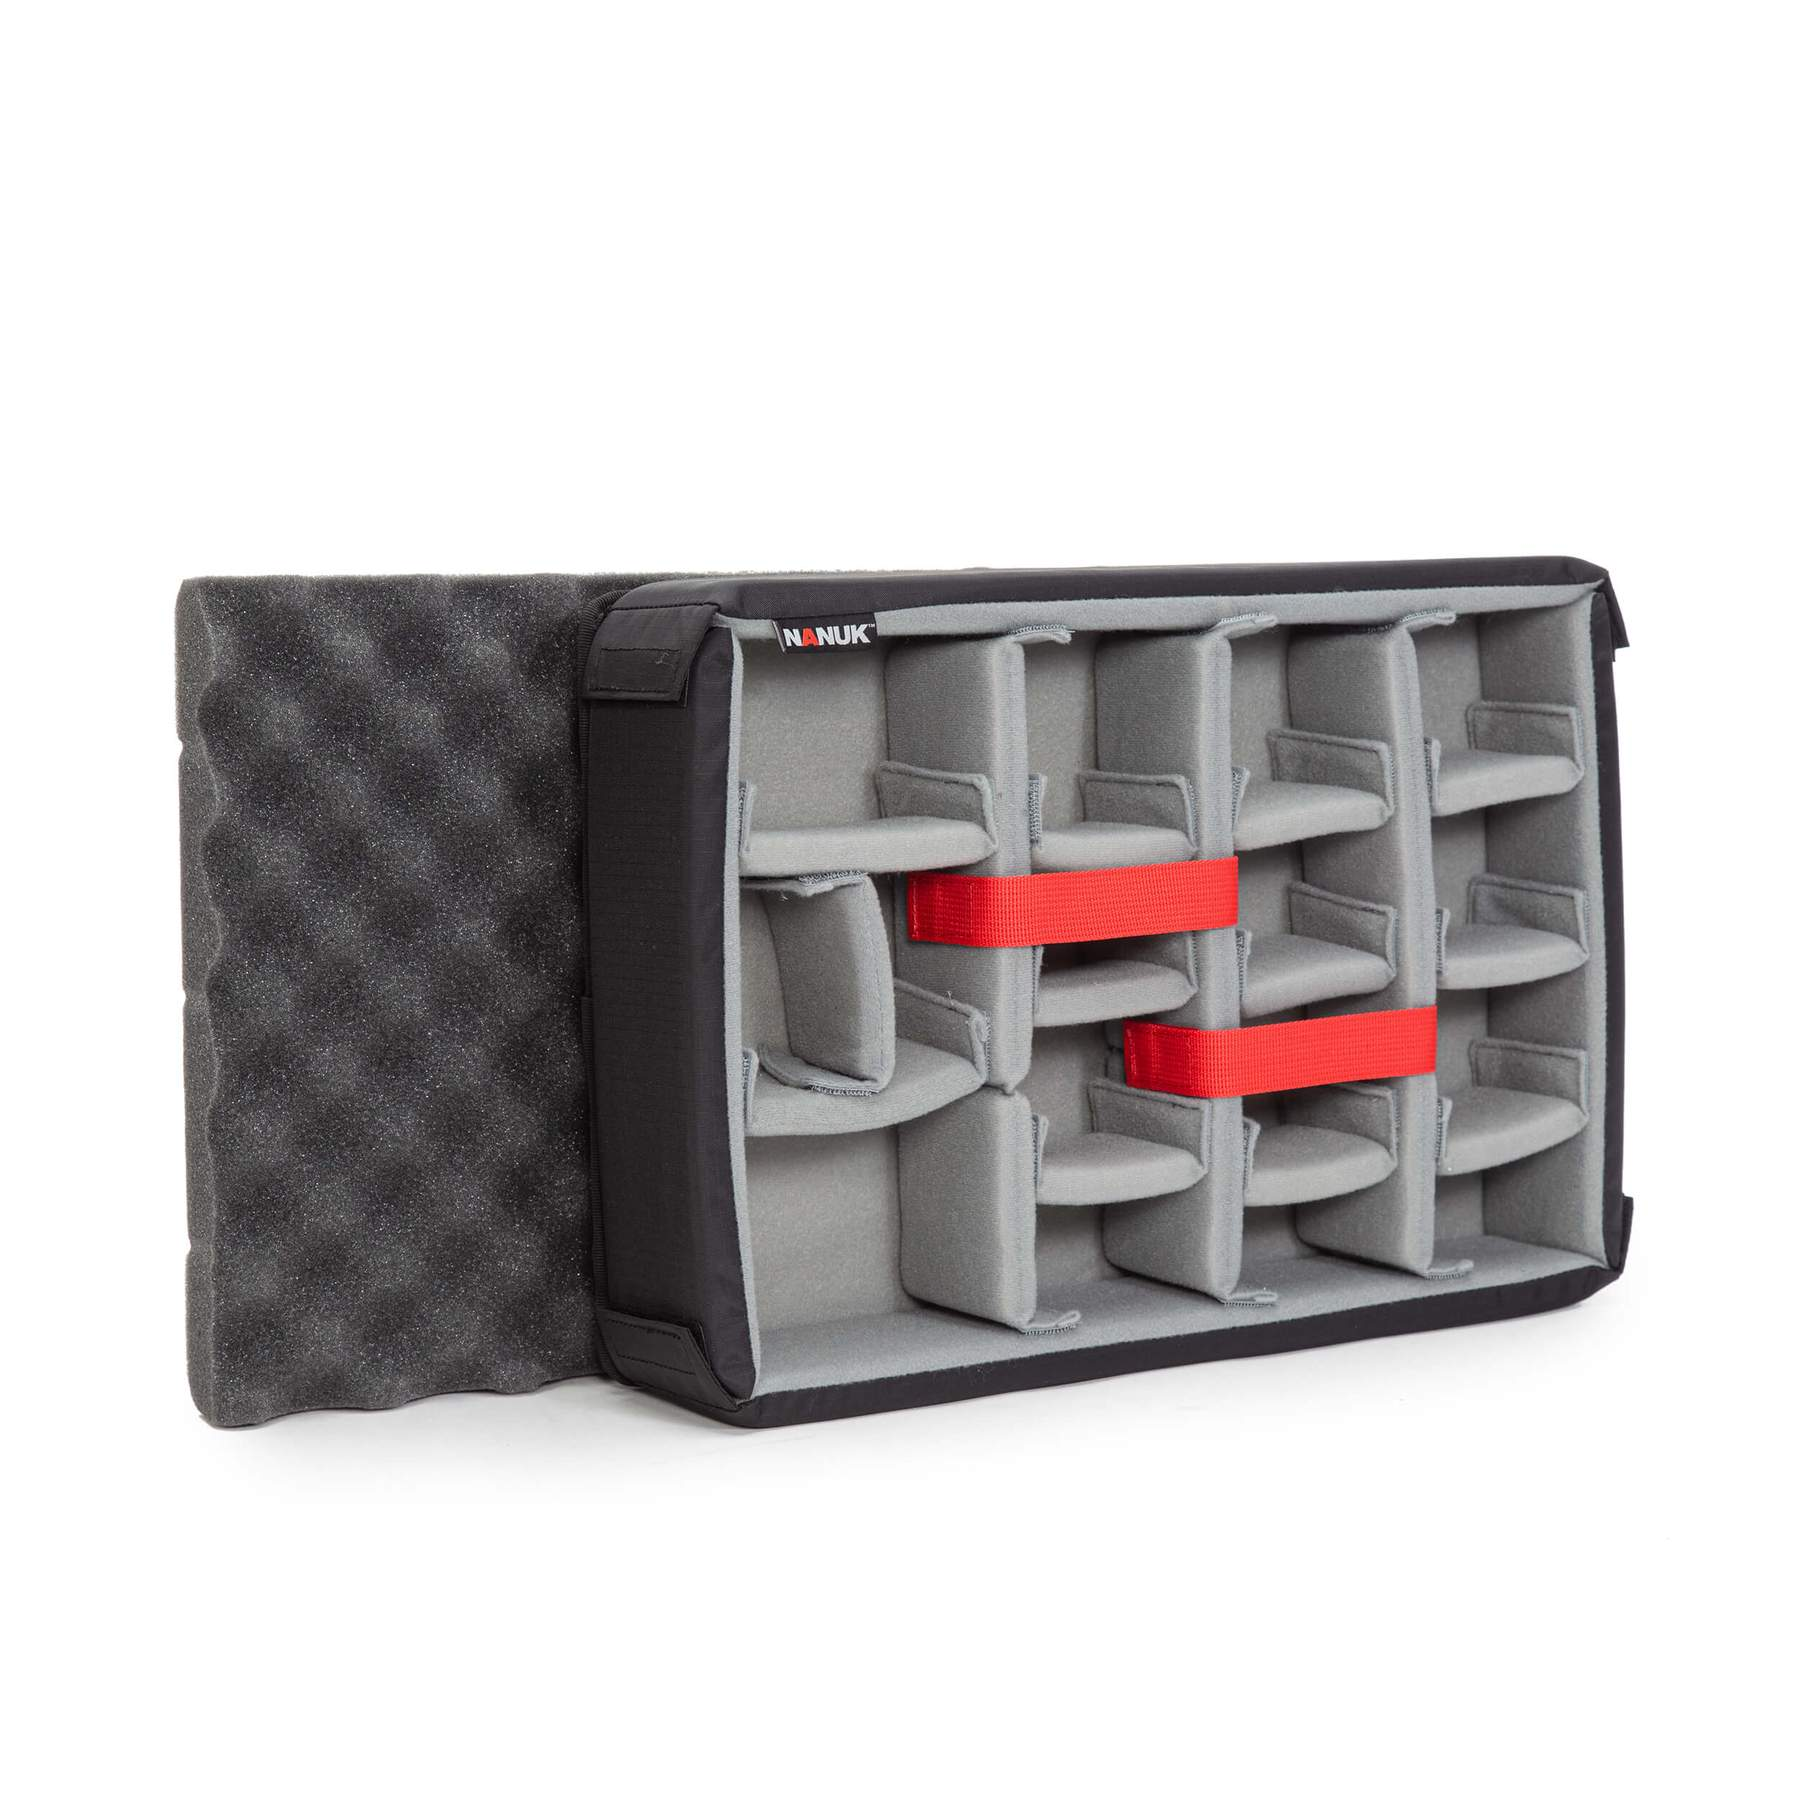 nanuk-923-new-padded-divider_1800x1800